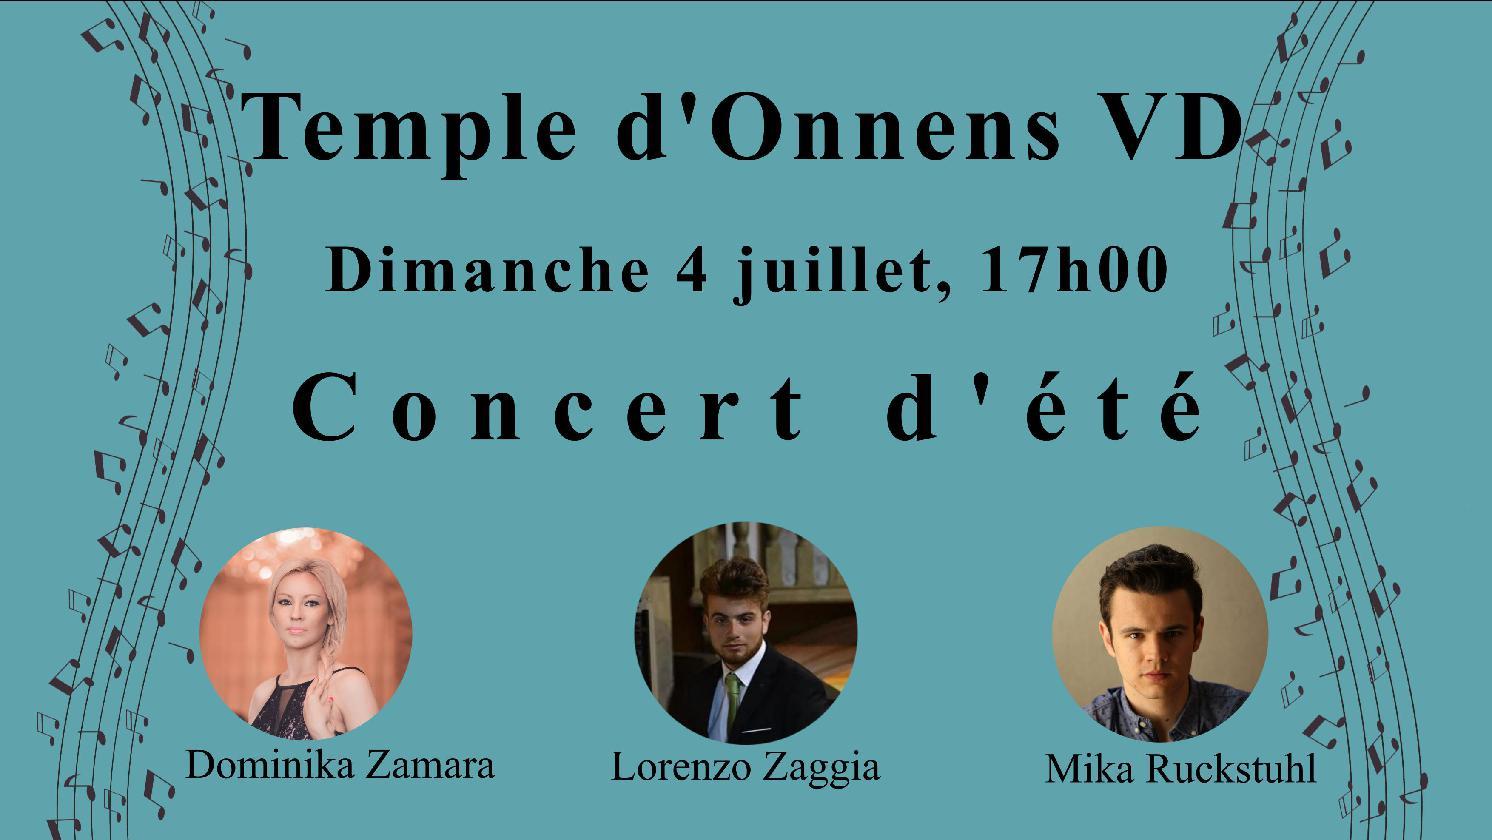 Concert d'été